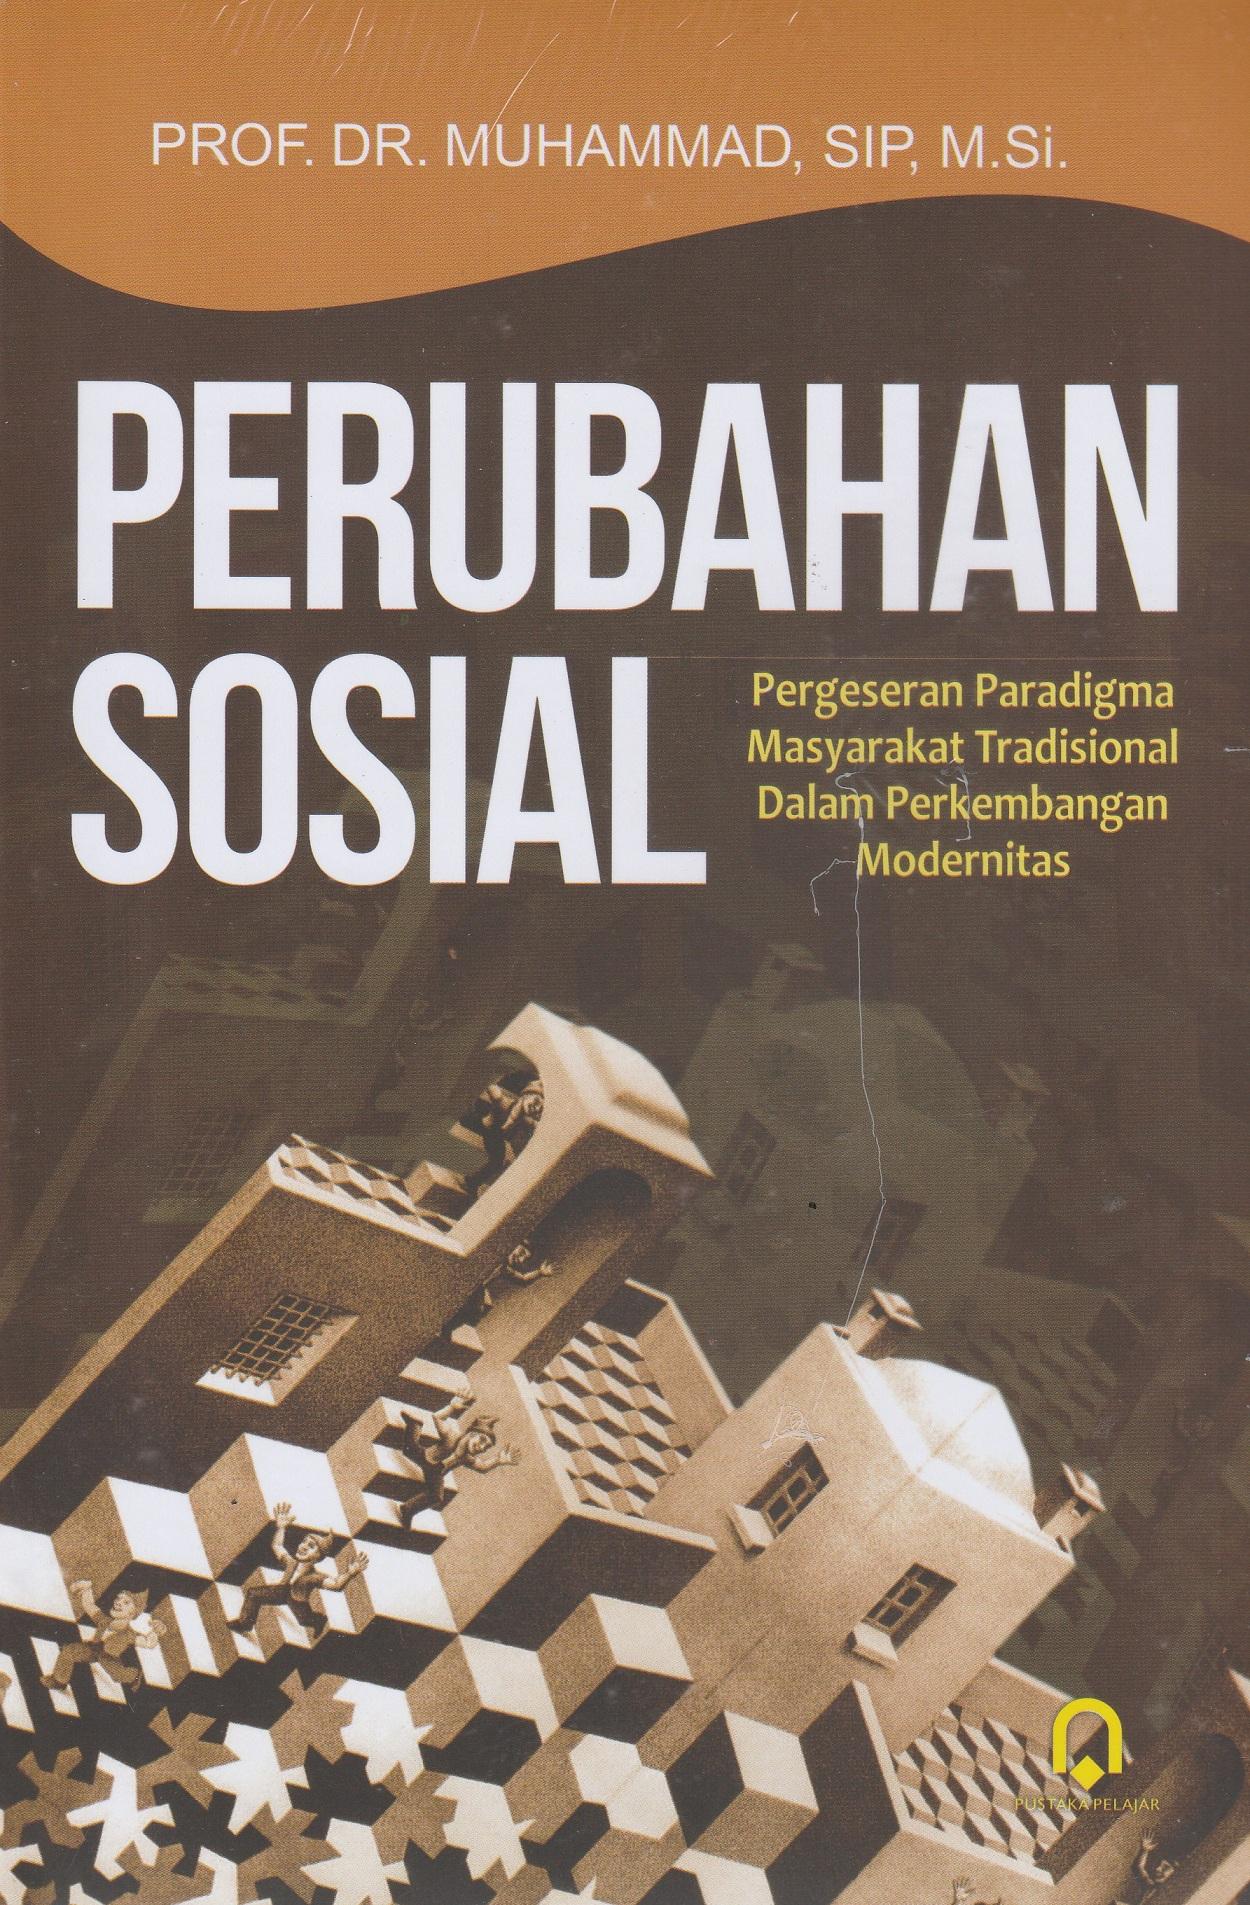 Perubahan Sosial Pergeseran Paradigma Masyarakat Tradisional Dalam Perkembangan Modernitas